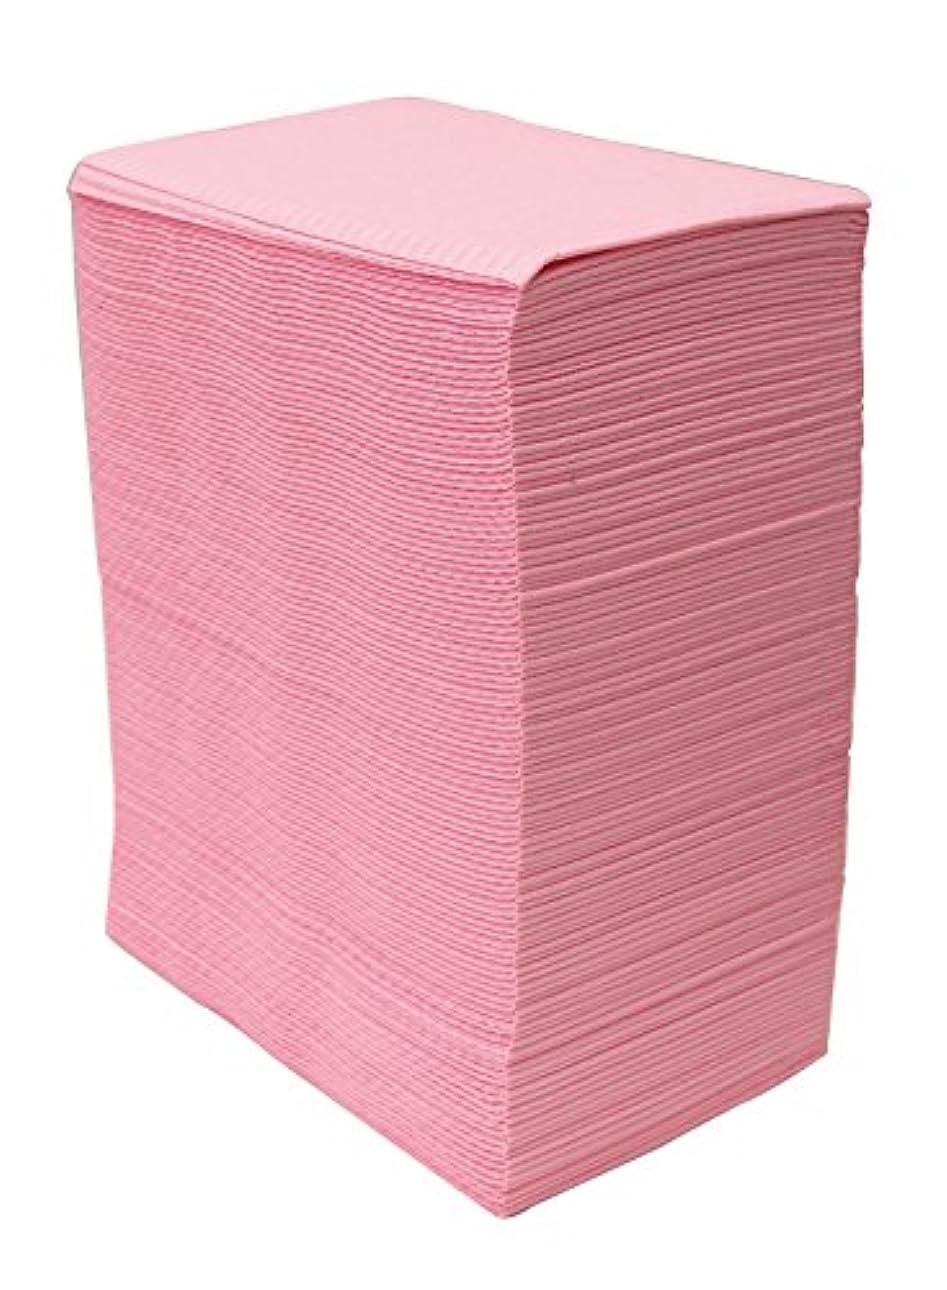 技術者フラッシュのように素早く監査【125枚入】ネイルテーブルシート (ピンク) 防水加工 ジェルネイル ネイルペーパー ネイルマット 防水ネイルシート